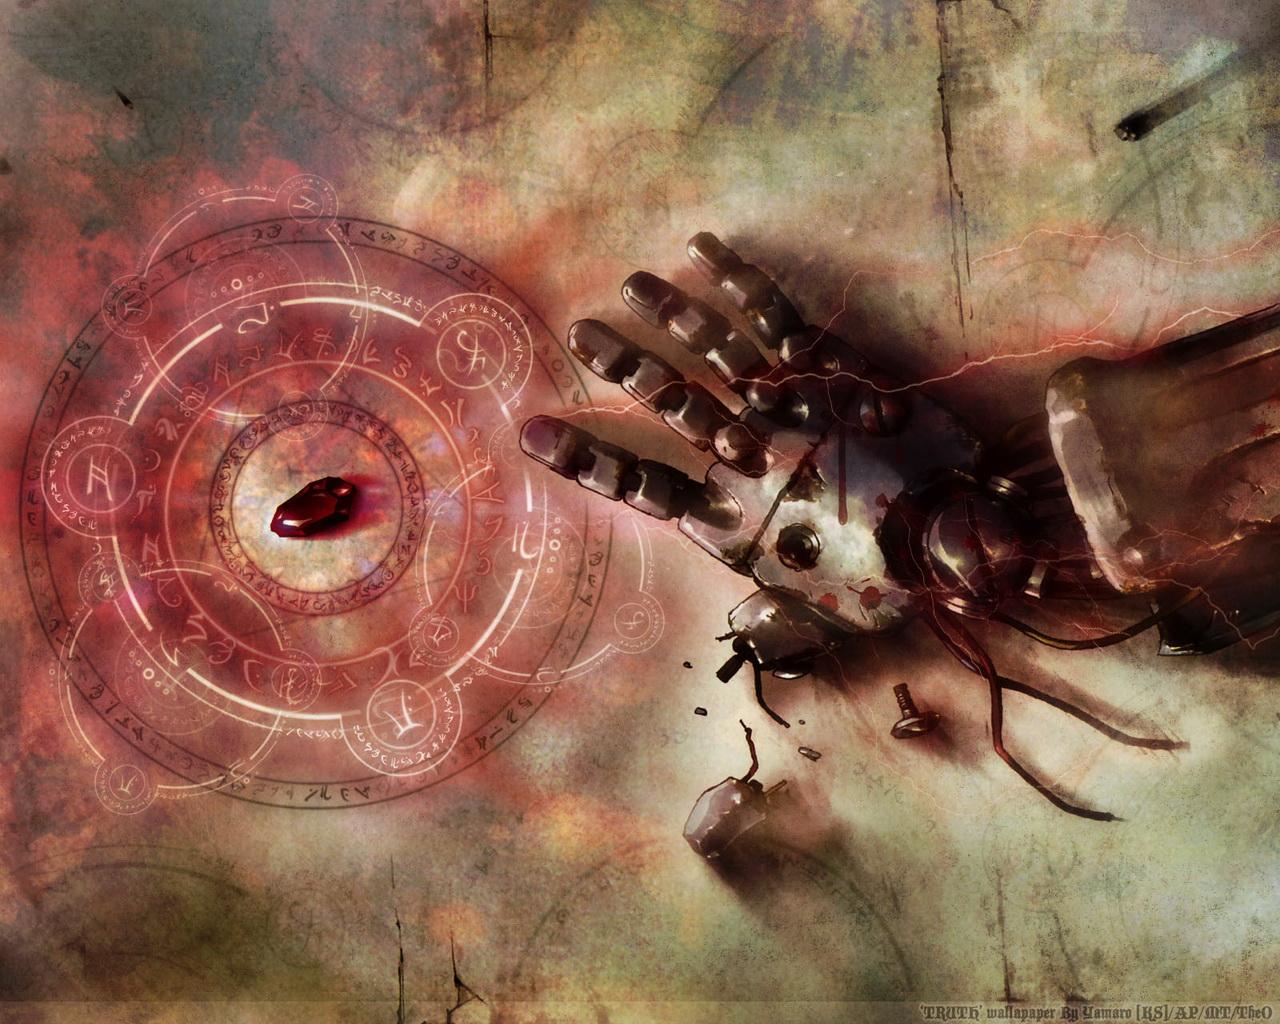 wp contentuploadswallpapersTRUTH Fullmetal Alchemist wallpaperjpg 1280x1024